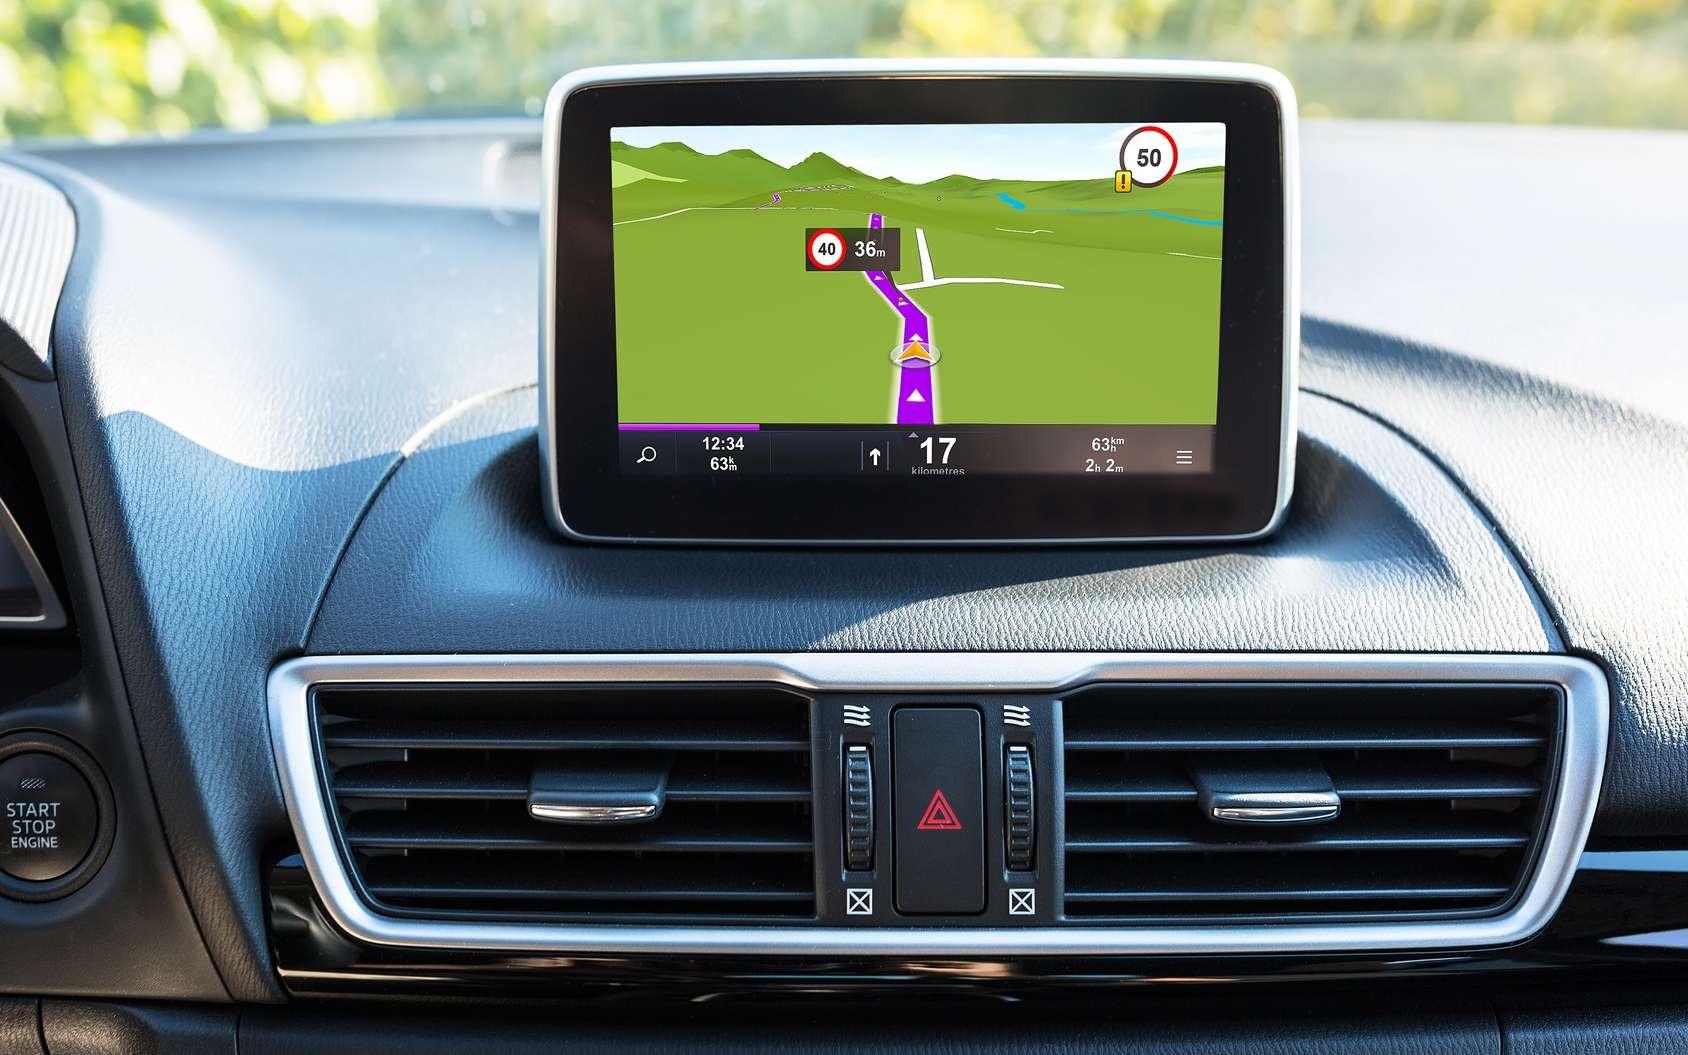 Tous les appareils dotés d'une puce GPS, fabriqués avant 2010, sont susceptibles d'être impactés par ce bug © Patryk Kosmider, Fotolia